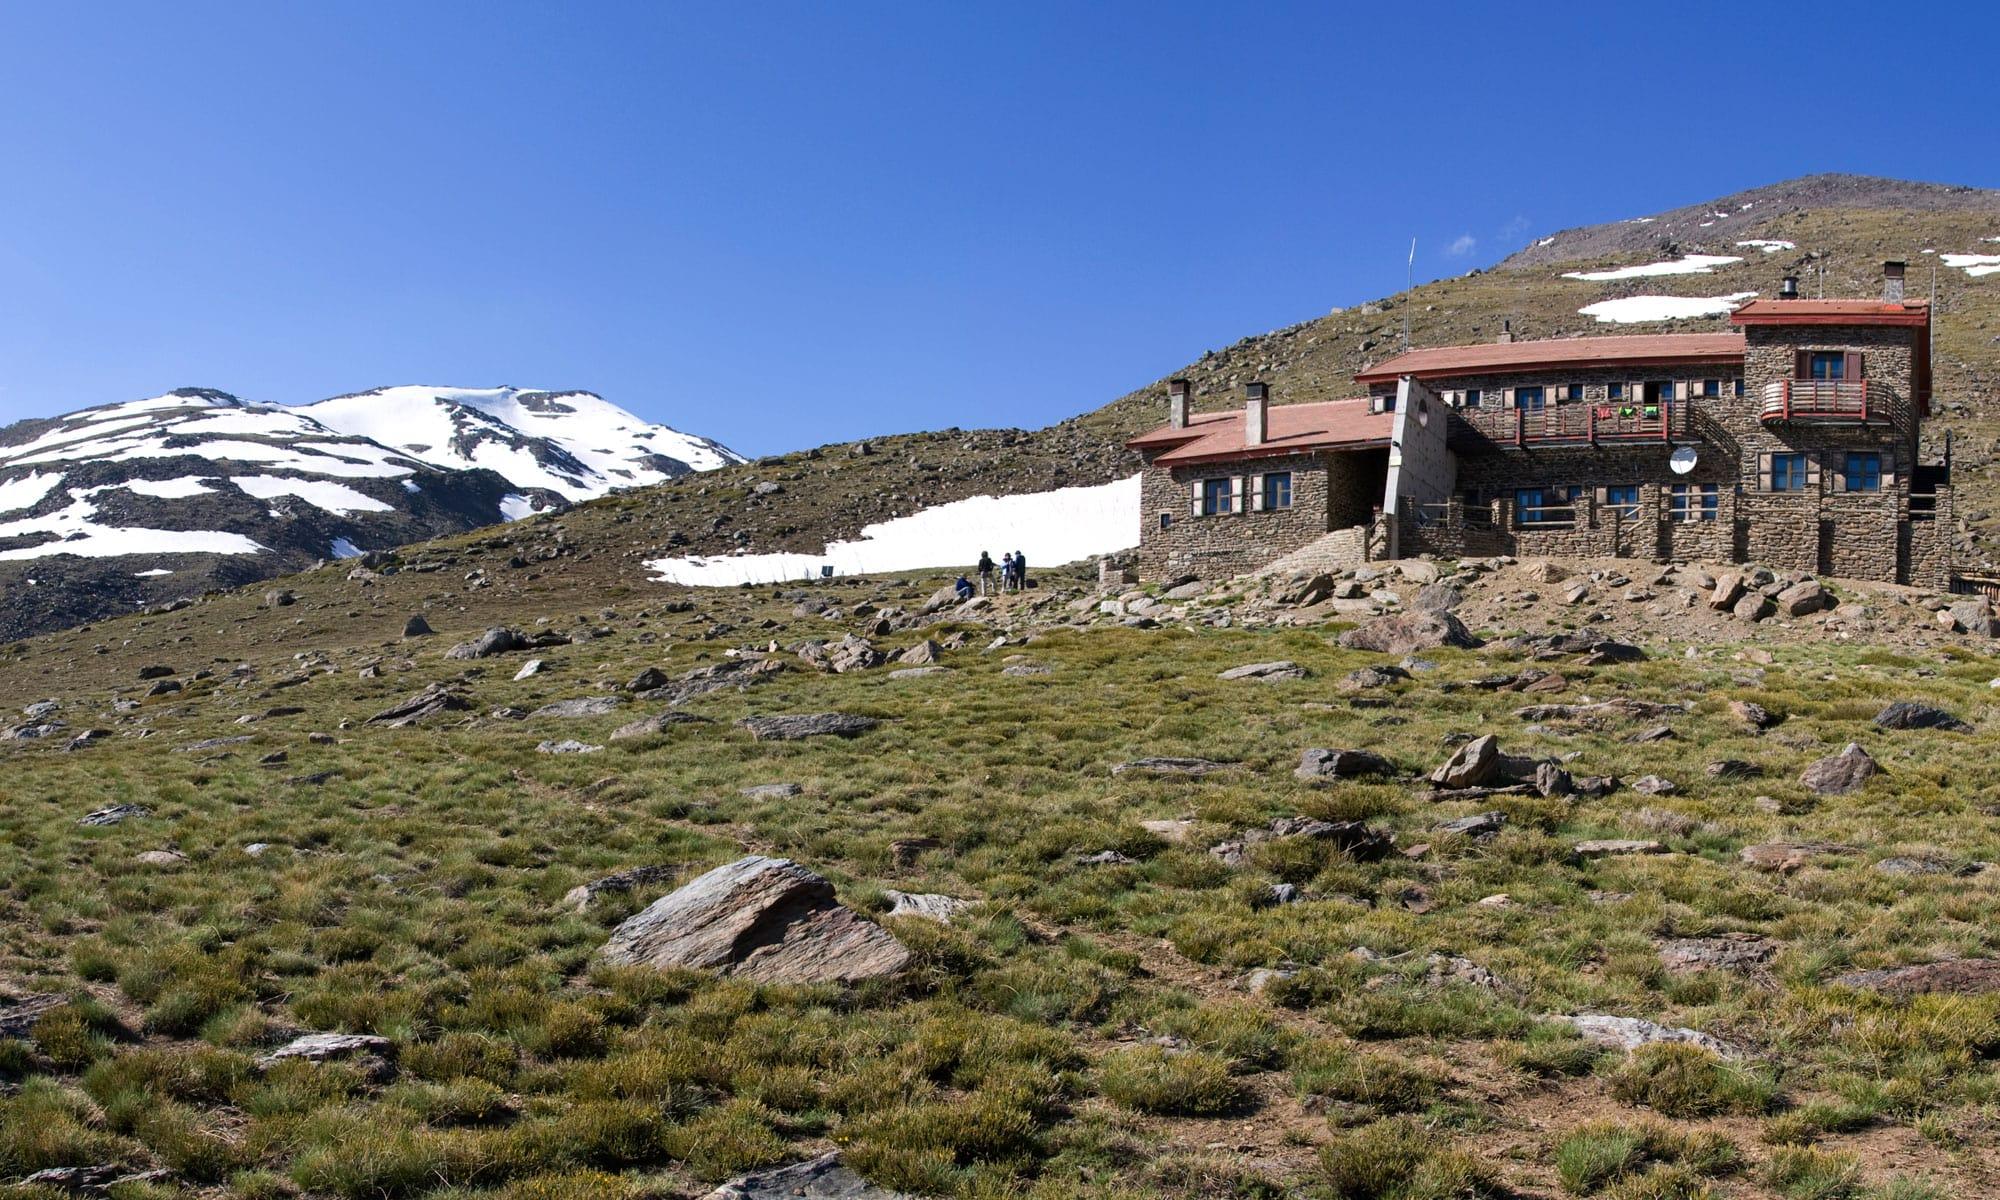 Rifugio Poqueira Sierra Nevada